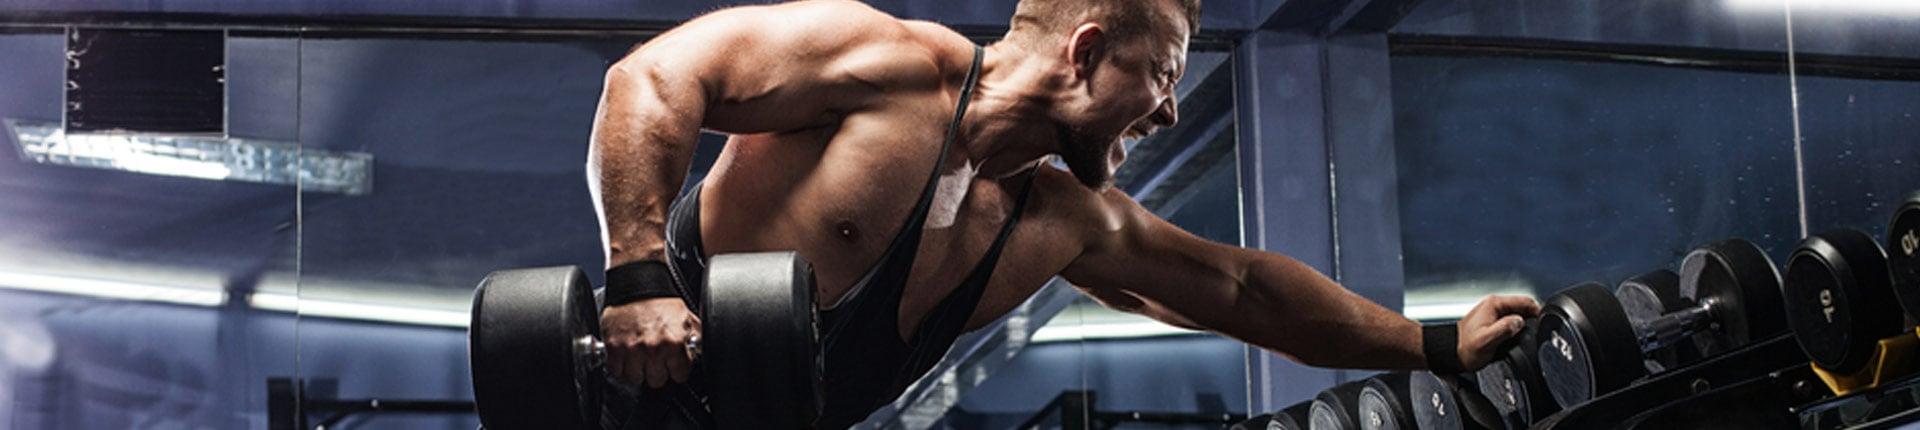 Budowa masy mięśniowej - co musisz wiedzieć?